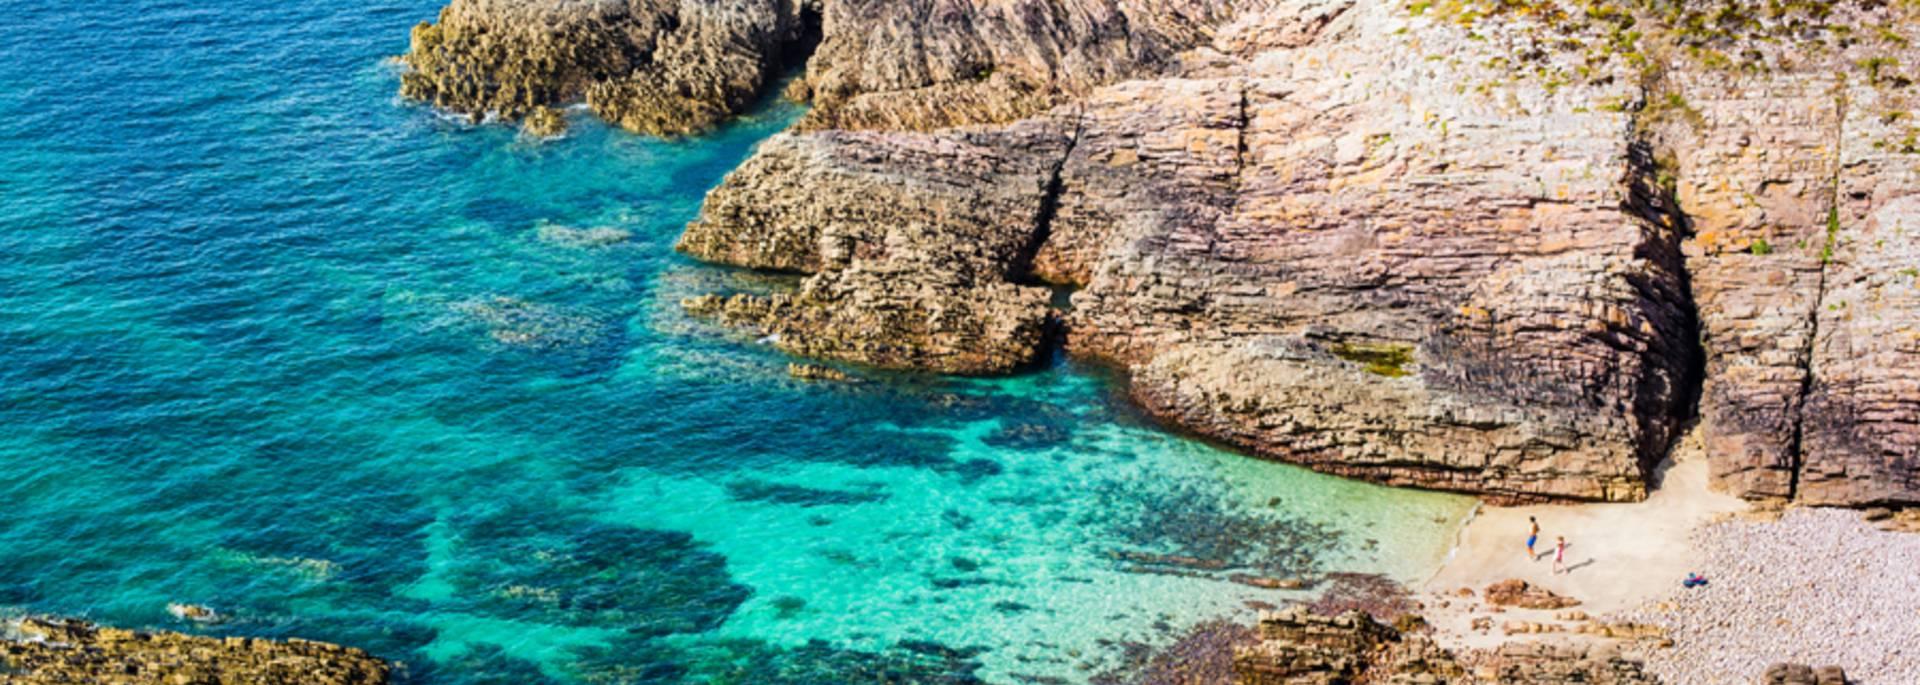 eaux turquoises au cap d'erquy